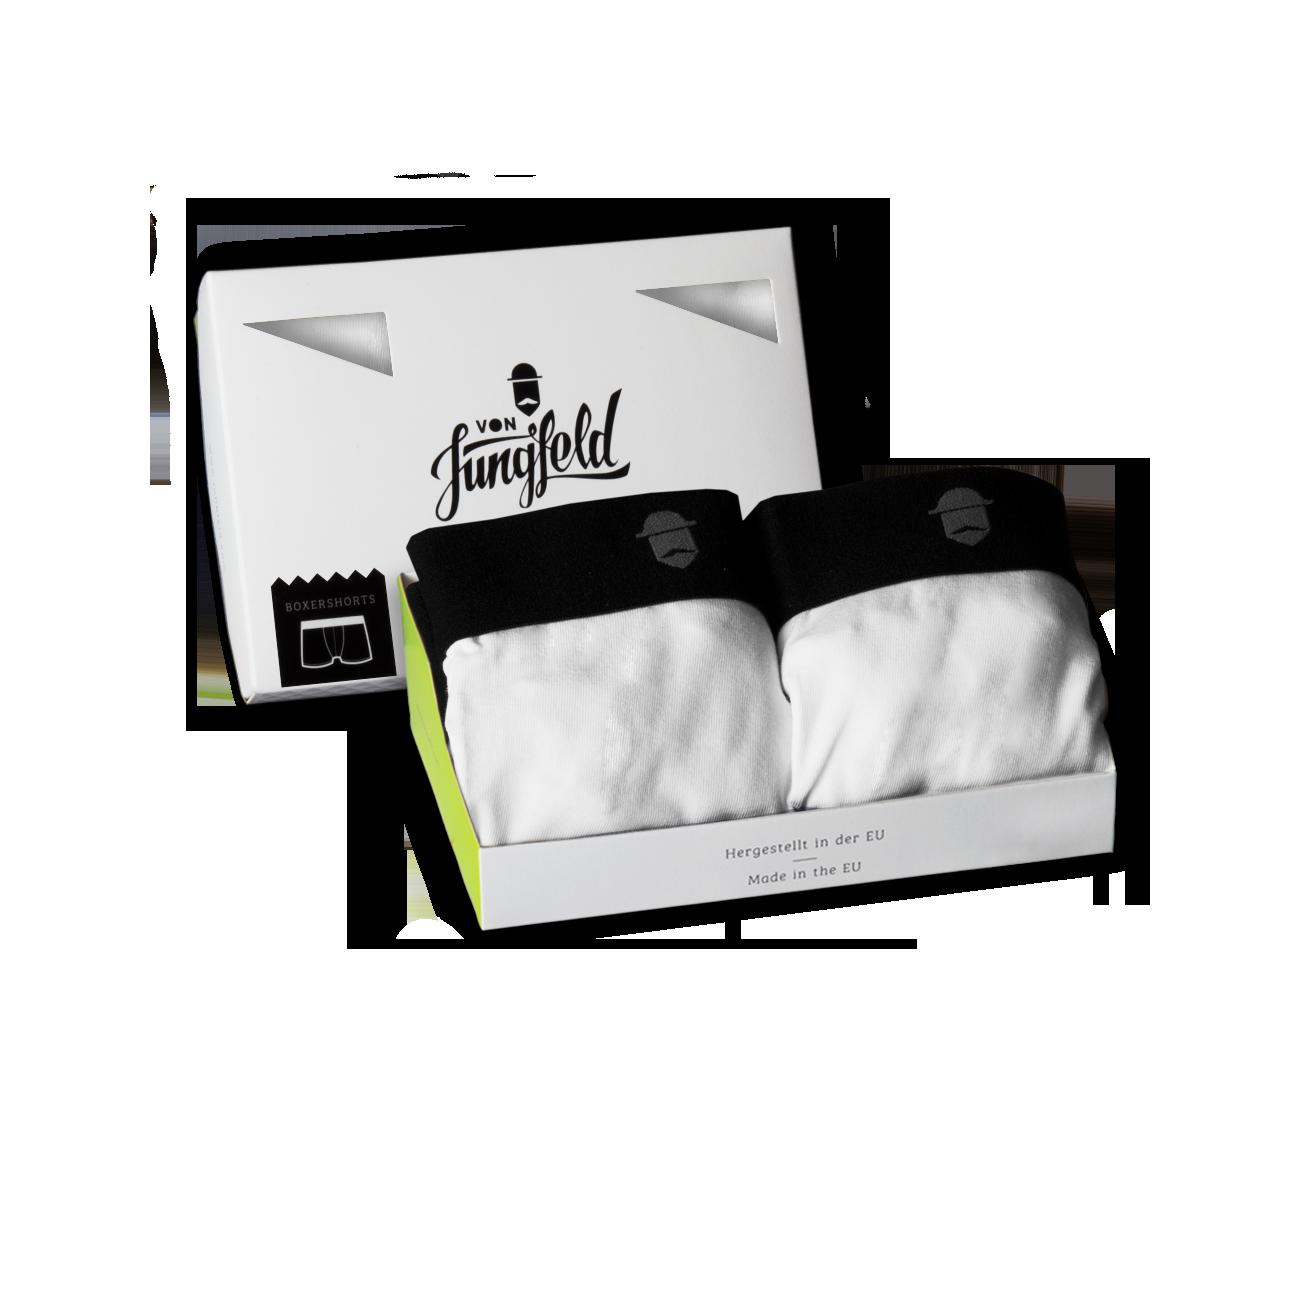 2er box arktis boxershorts von jungfeld bunte und farbige herrensocken und boxershorts. Black Bedroom Furniture Sets. Home Design Ideas